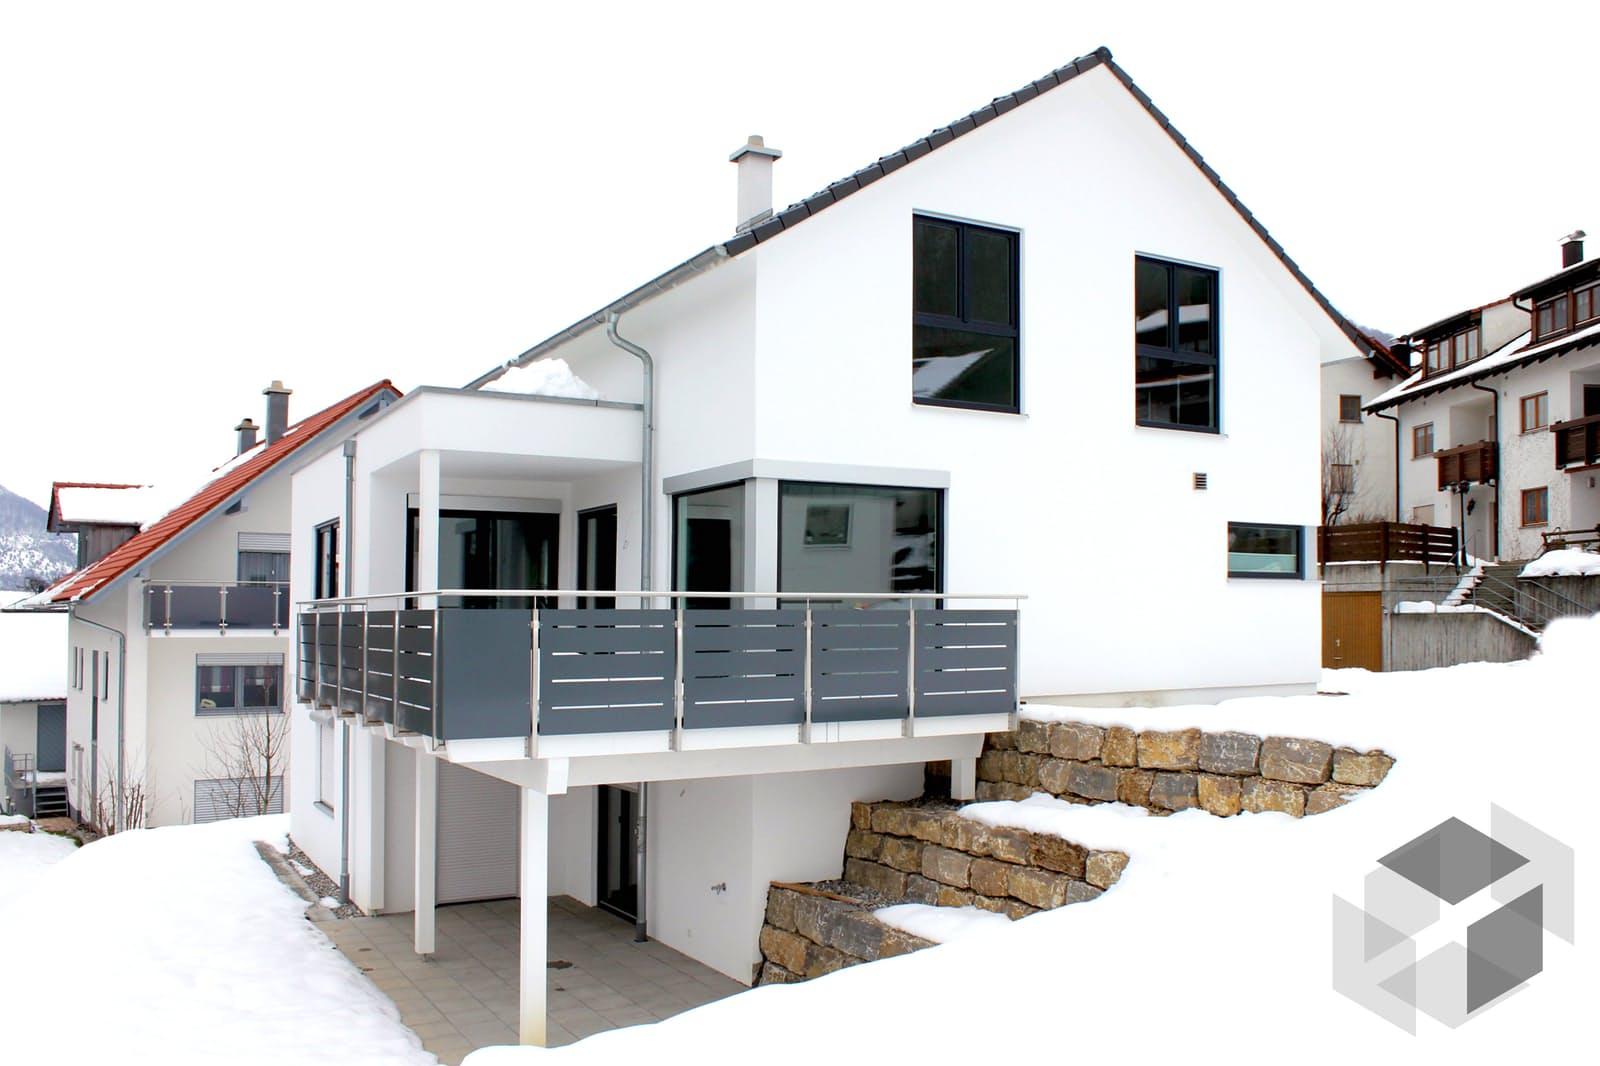 homestory 114 von lehner haus komplette daten bersicht. Black Bedroom Furniture Sets. Home Design Ideas